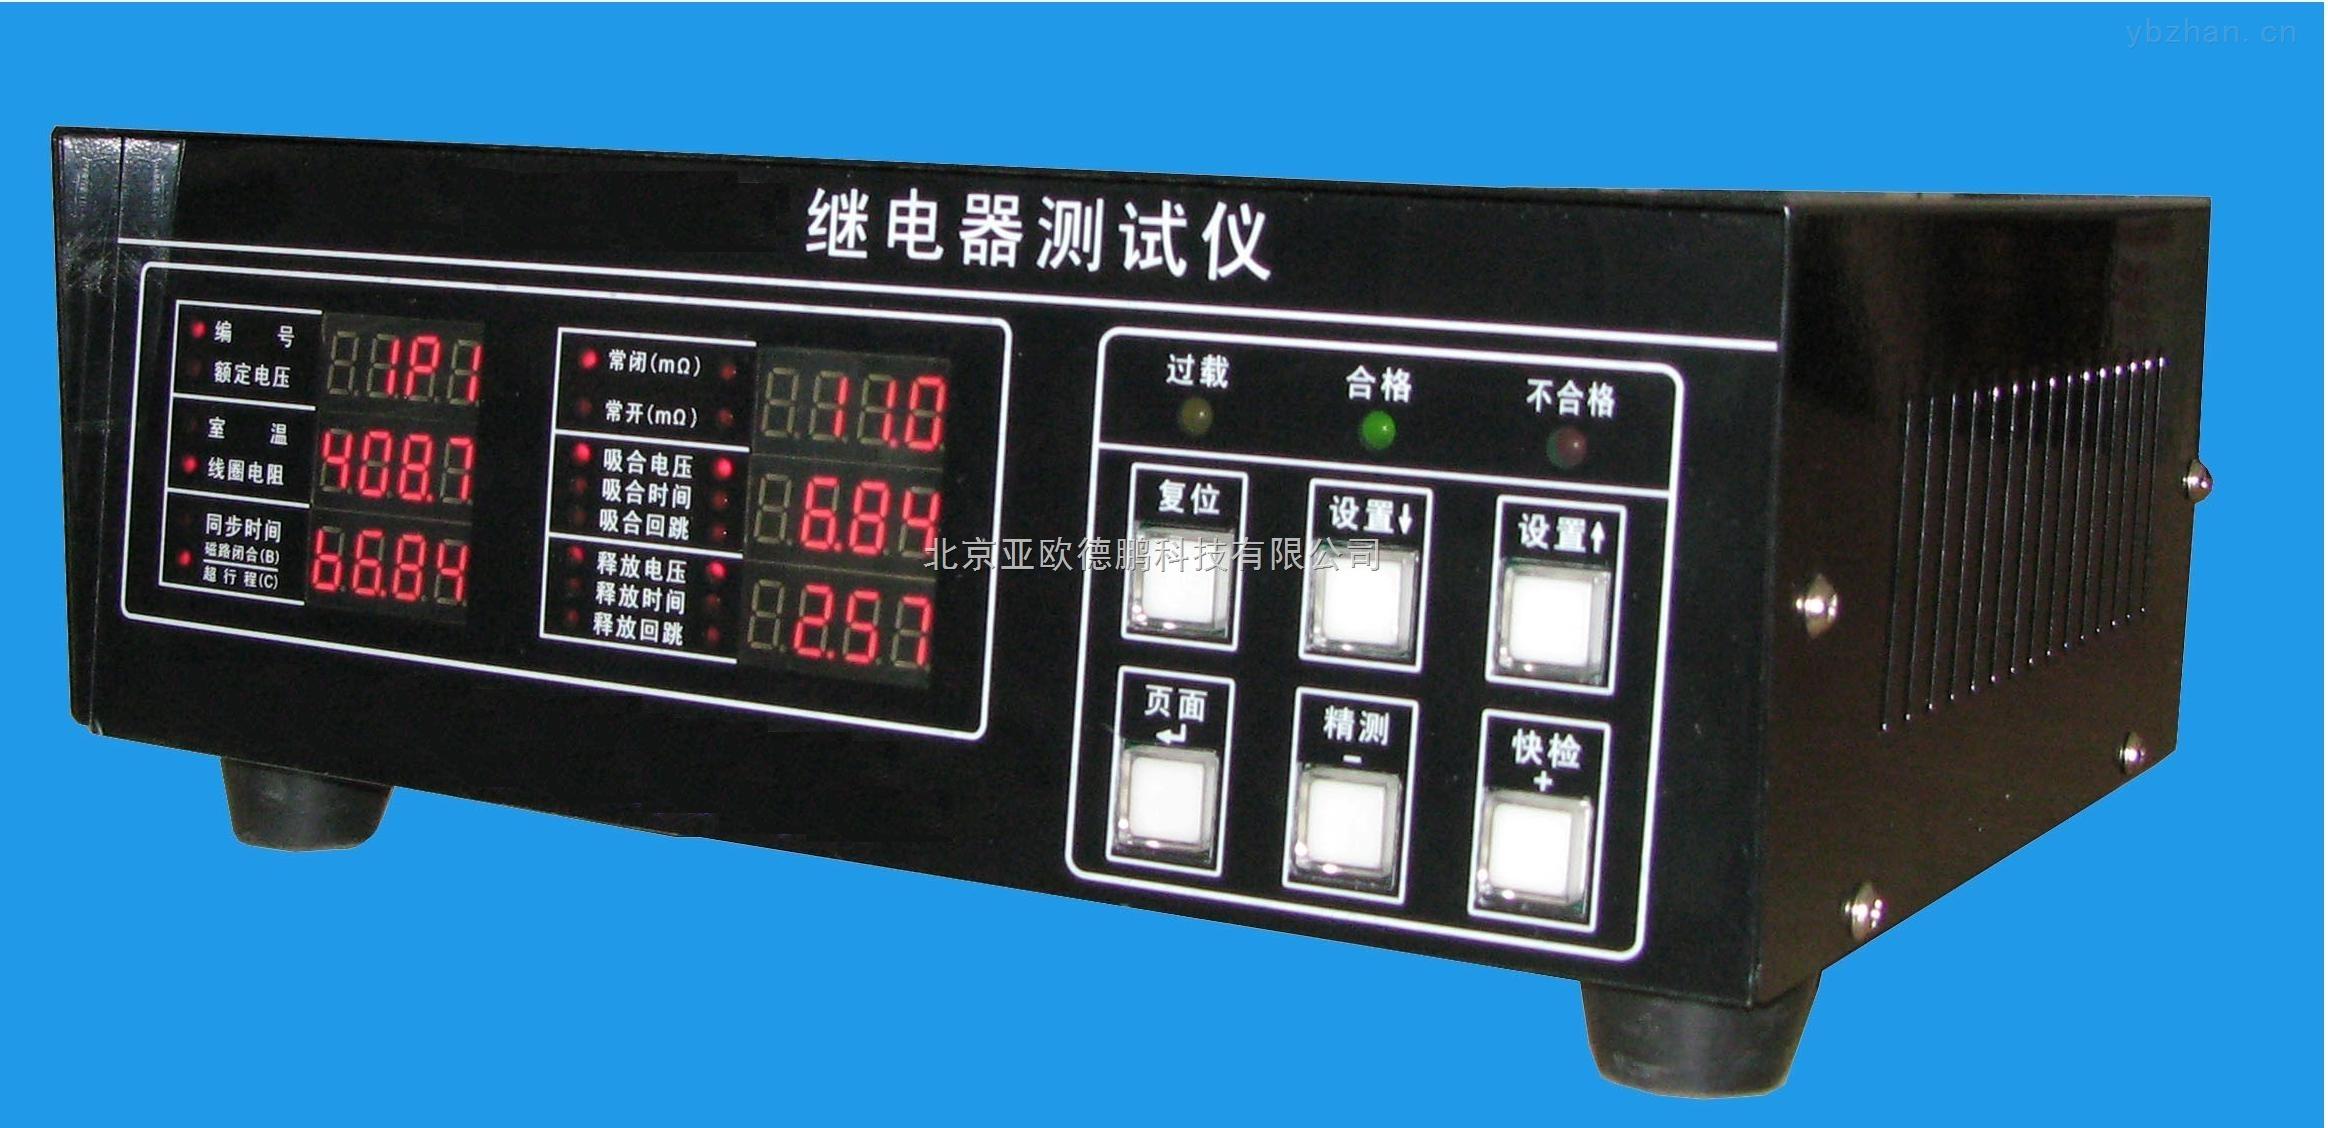 继电器测试仪 继电器综合参数测试仪